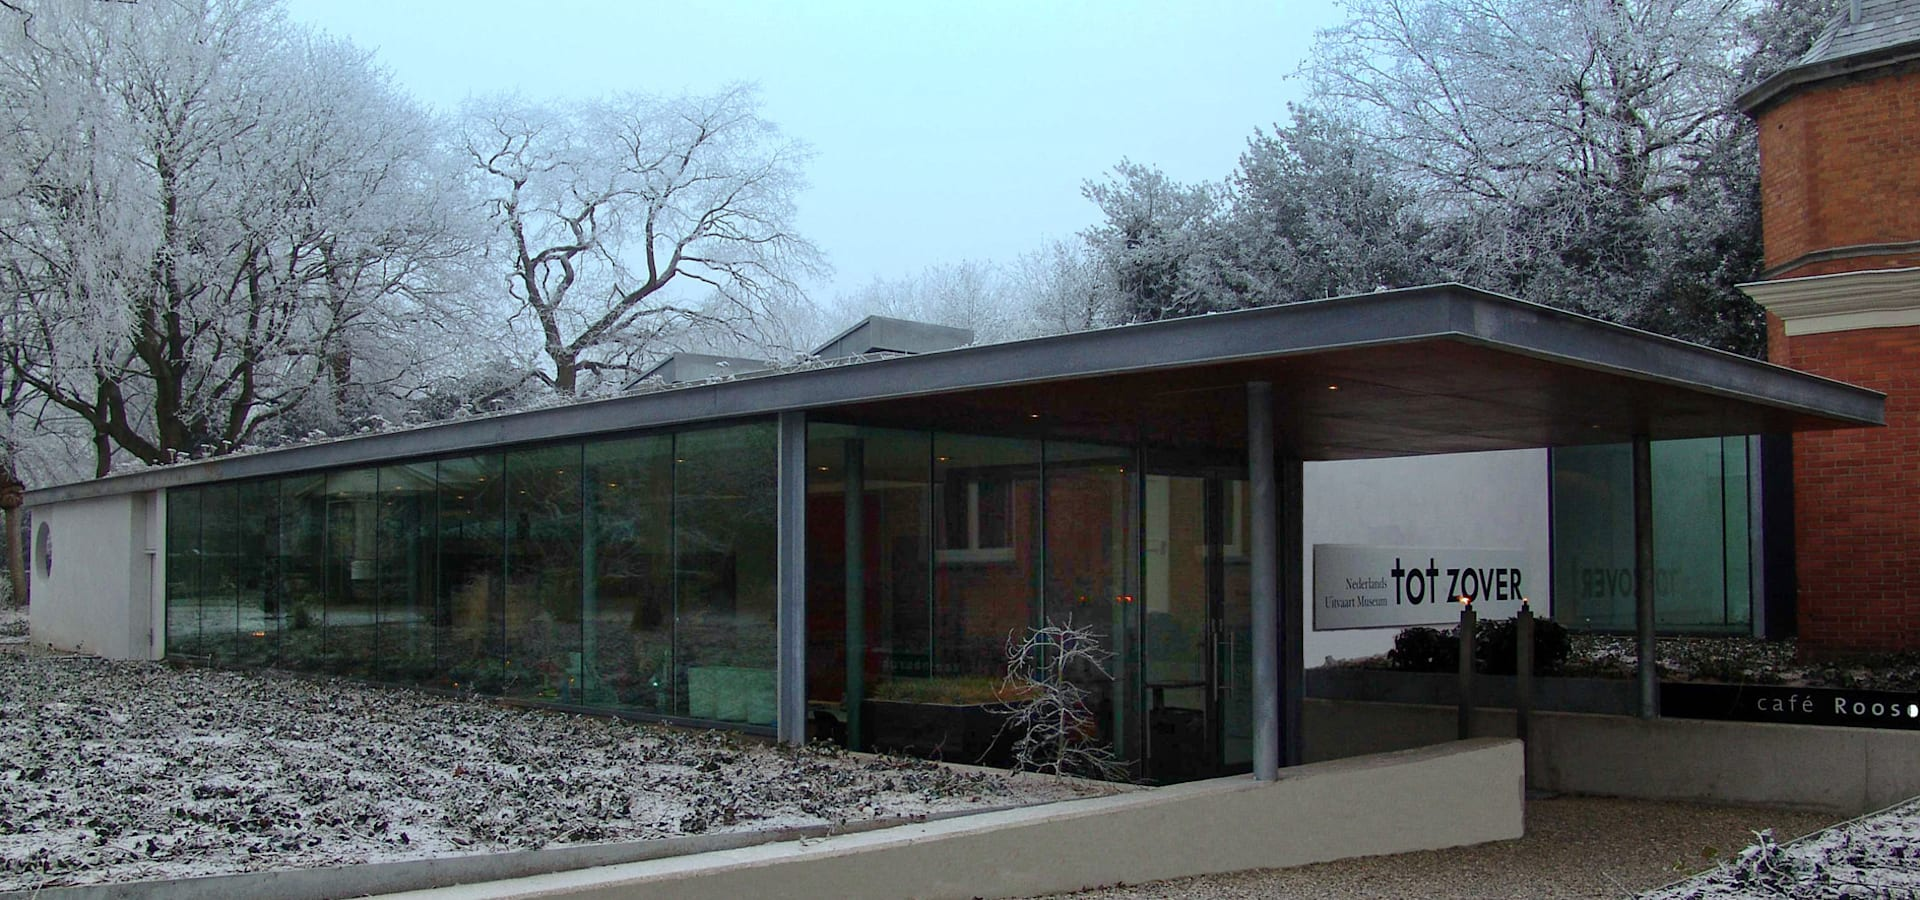 Kerssen Graafland architecten